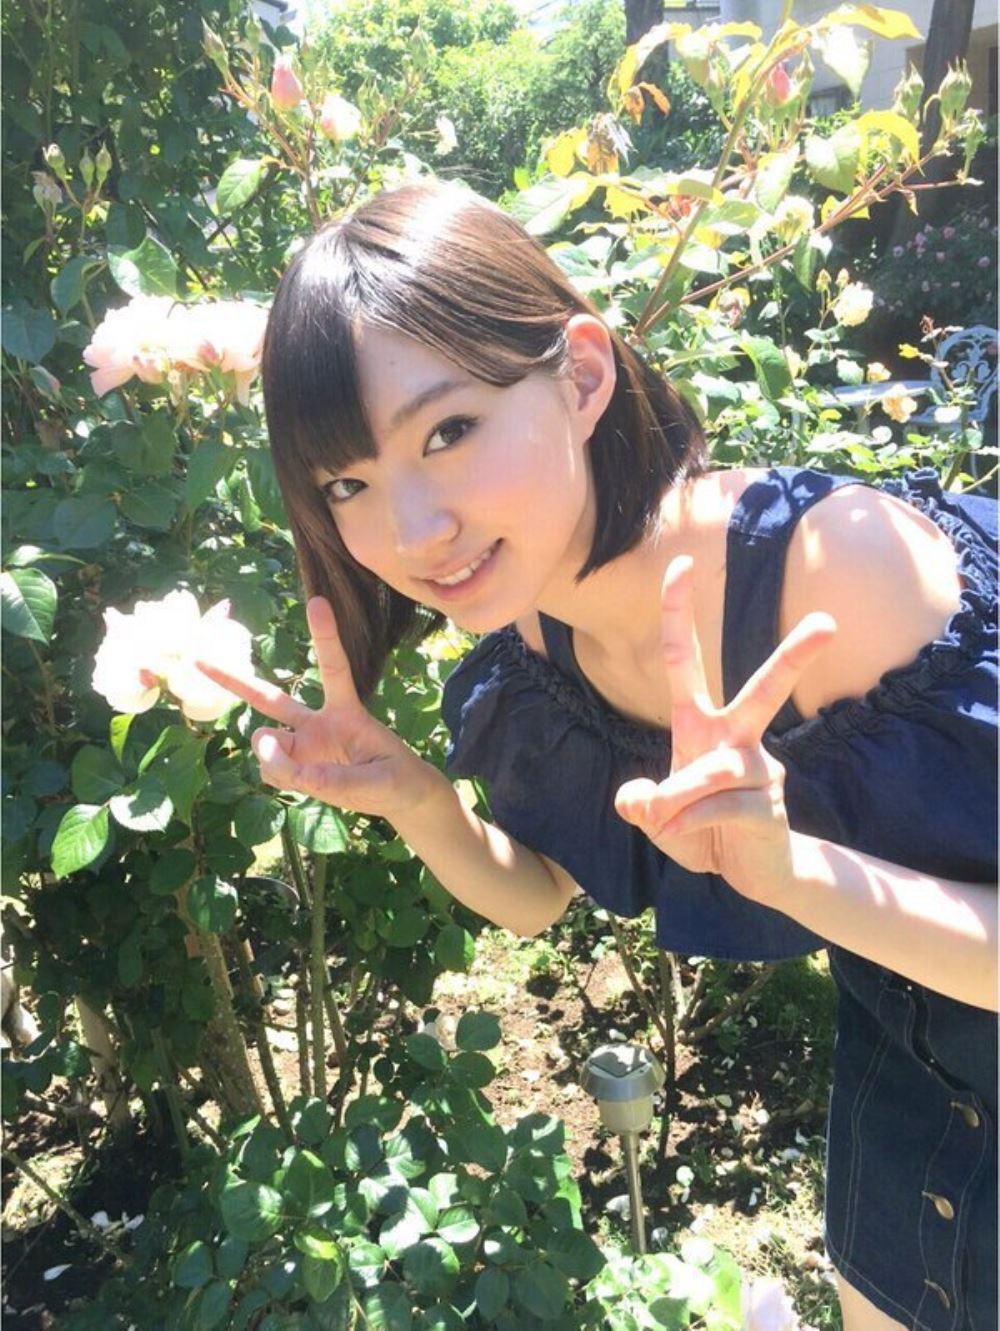 太田夢莉 1万年に1人 可愛い アイドル 水着 画像 56